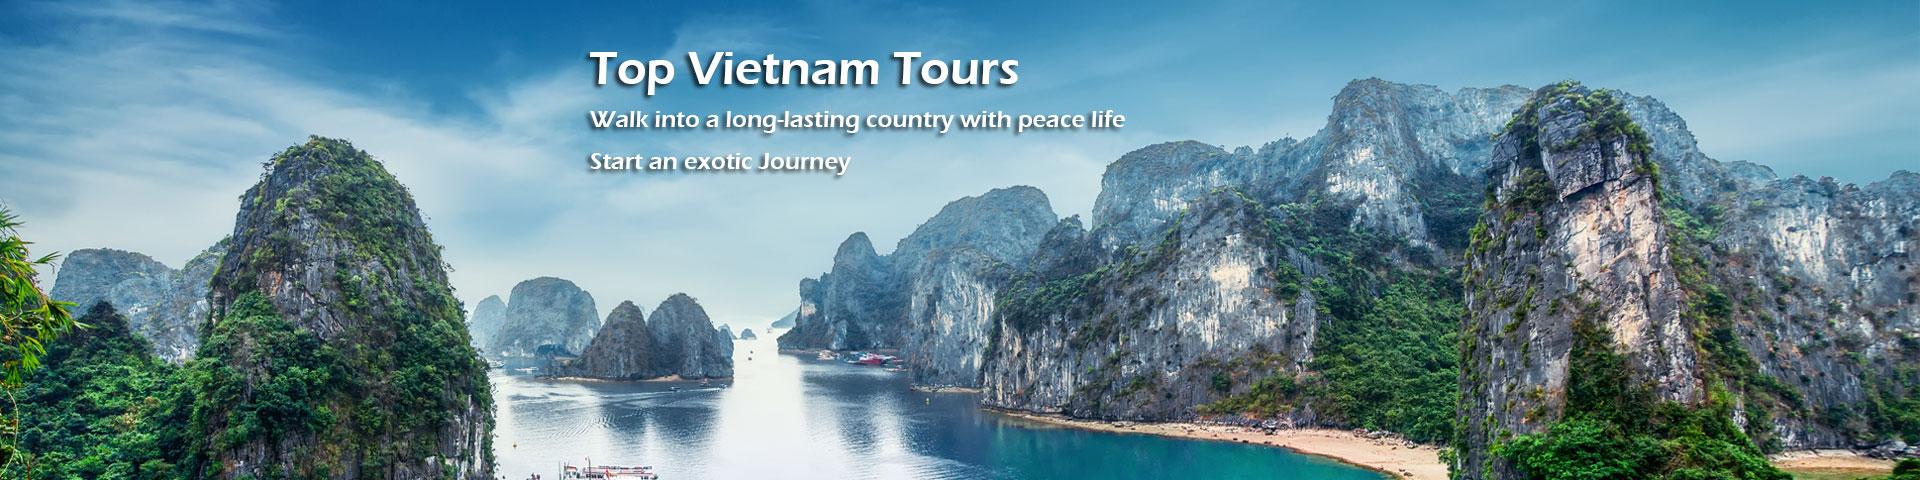 top vietnam tours vietnam tour packages vietnam private tours